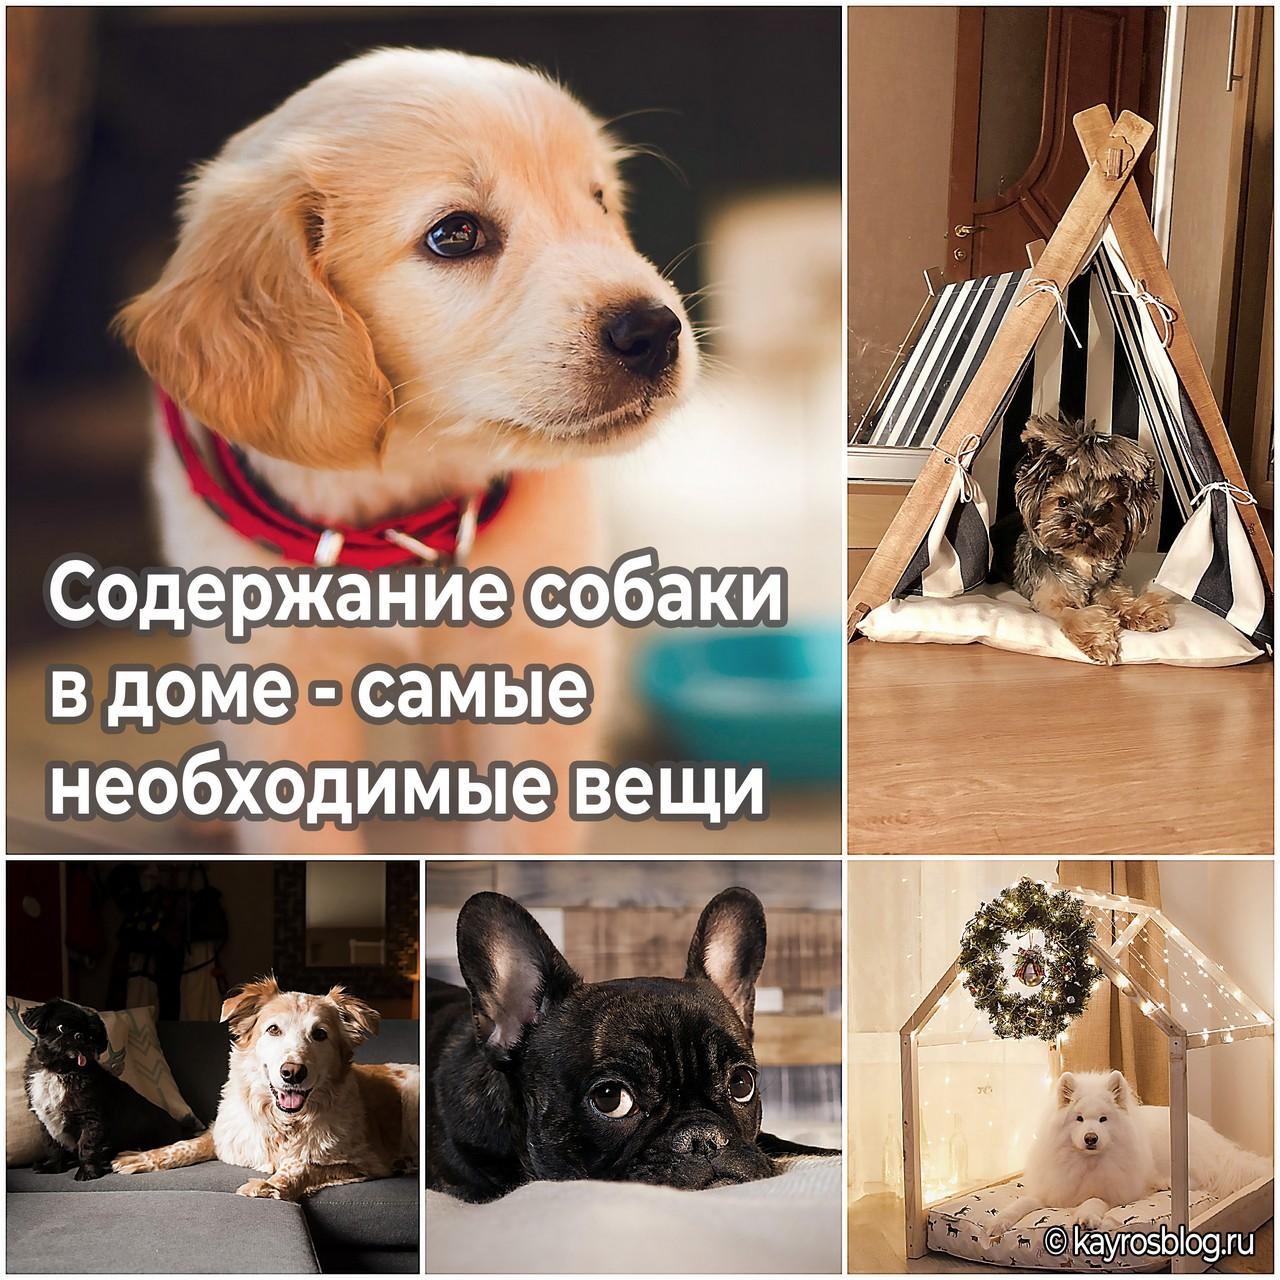 Содержание собаки в доме - самые необходимые вещи